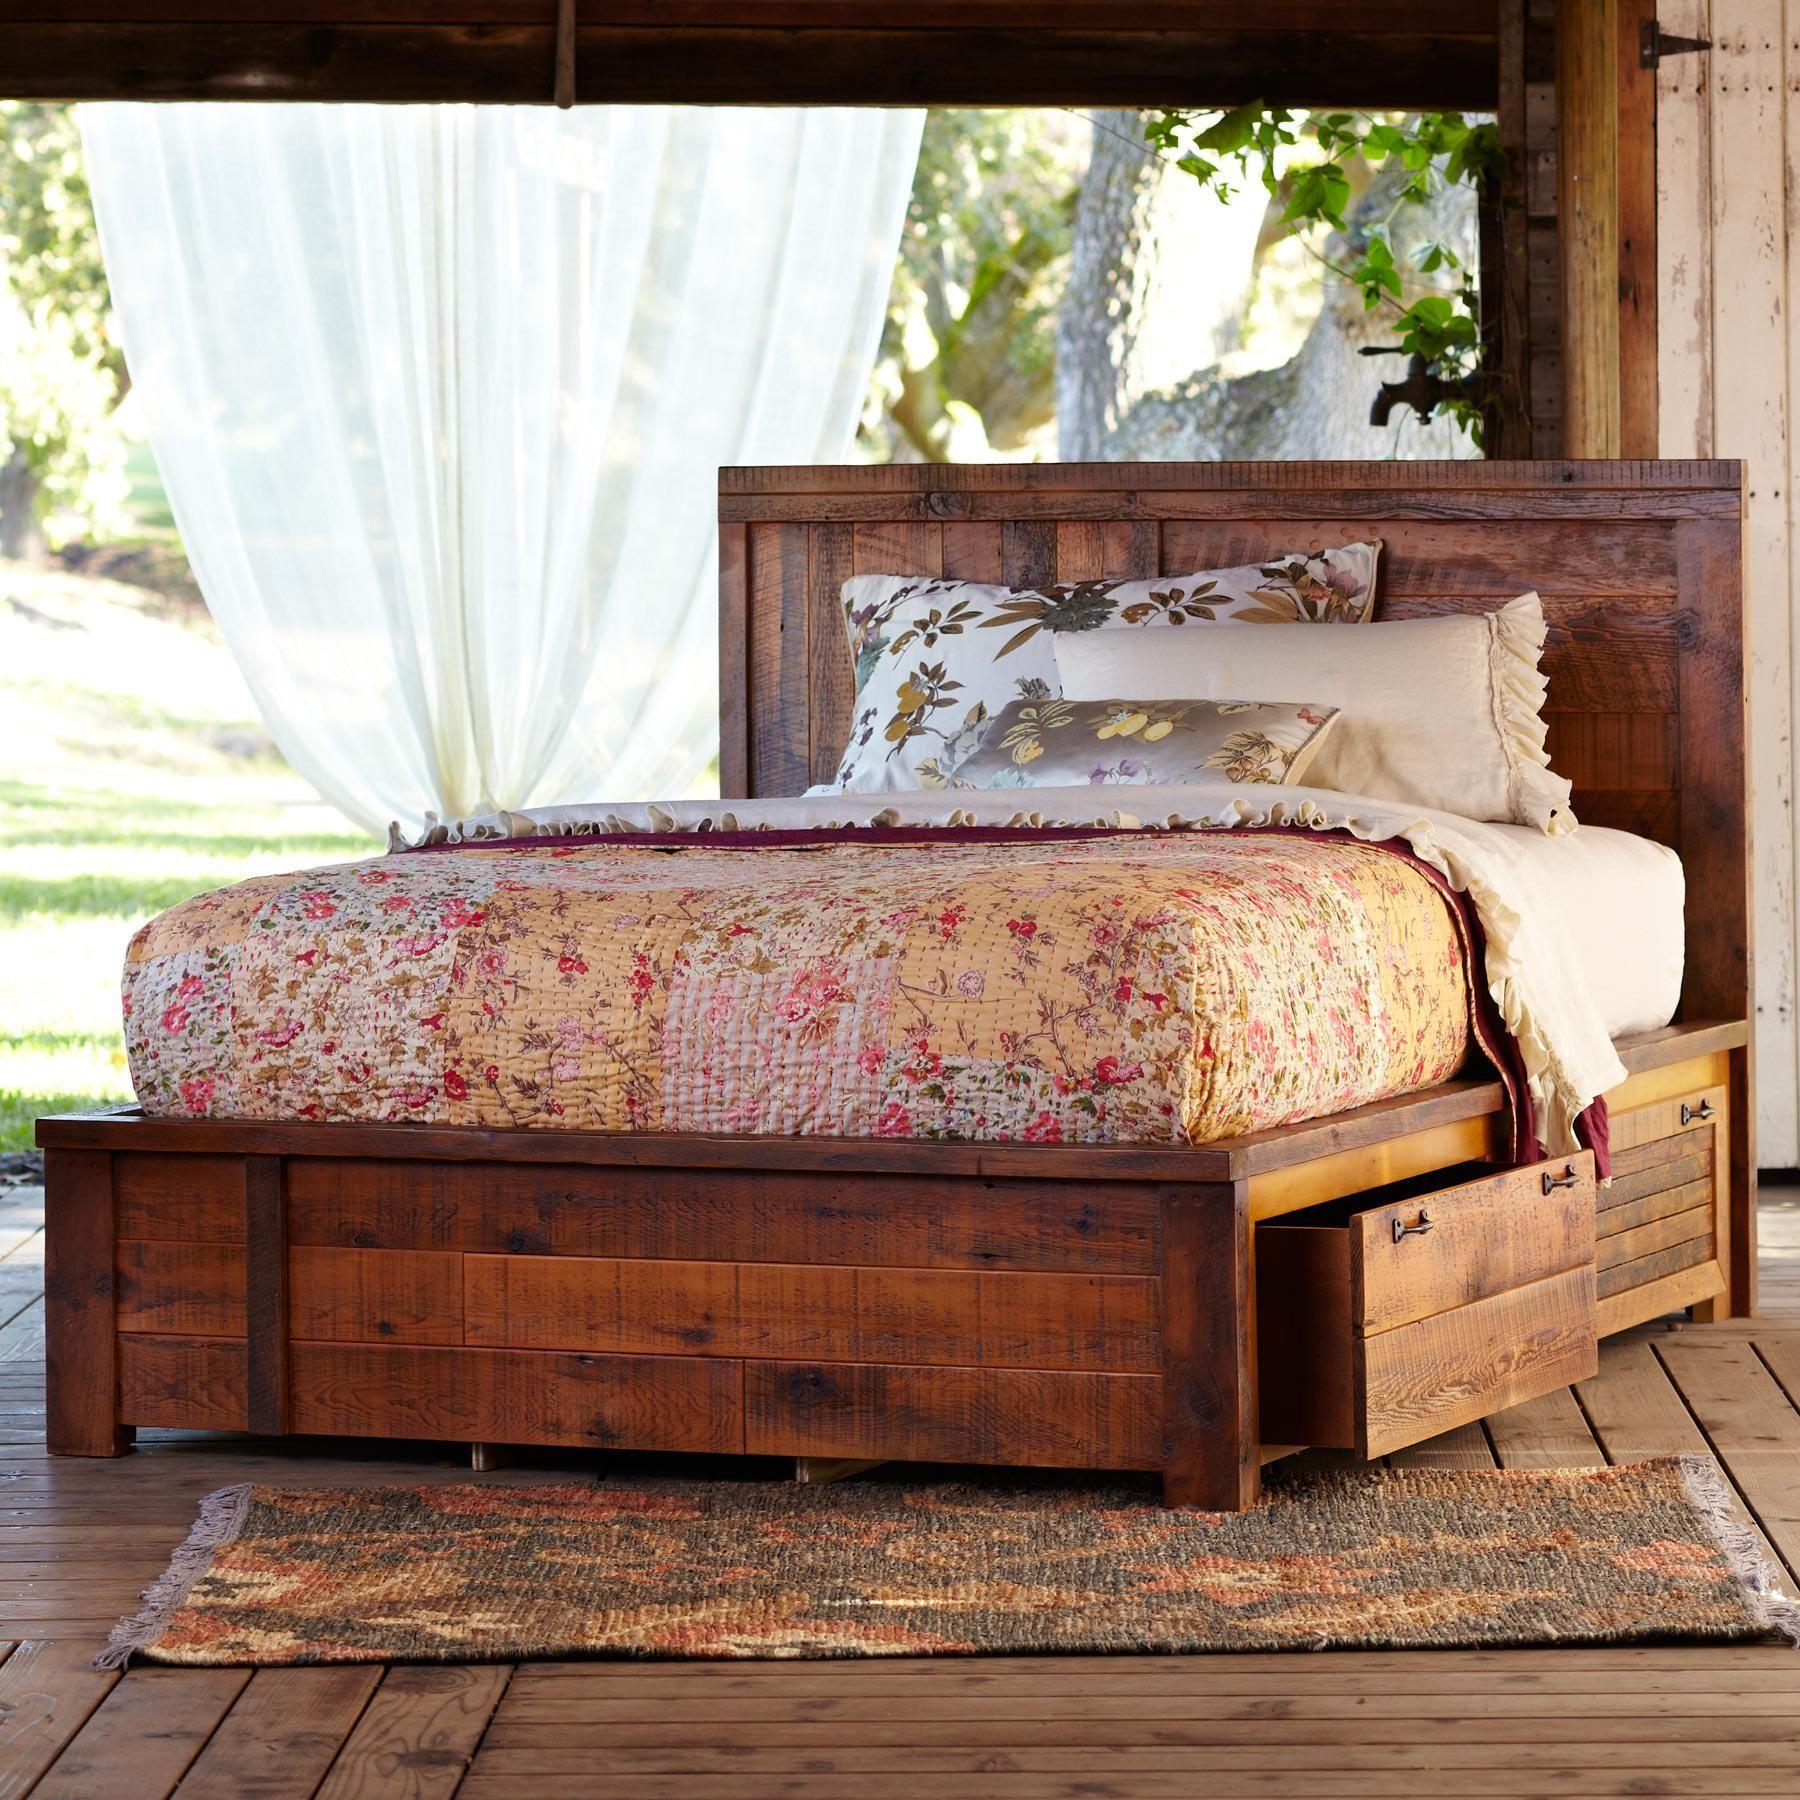 Bed of roses ltwt quilt bed frame headboard diy pallet